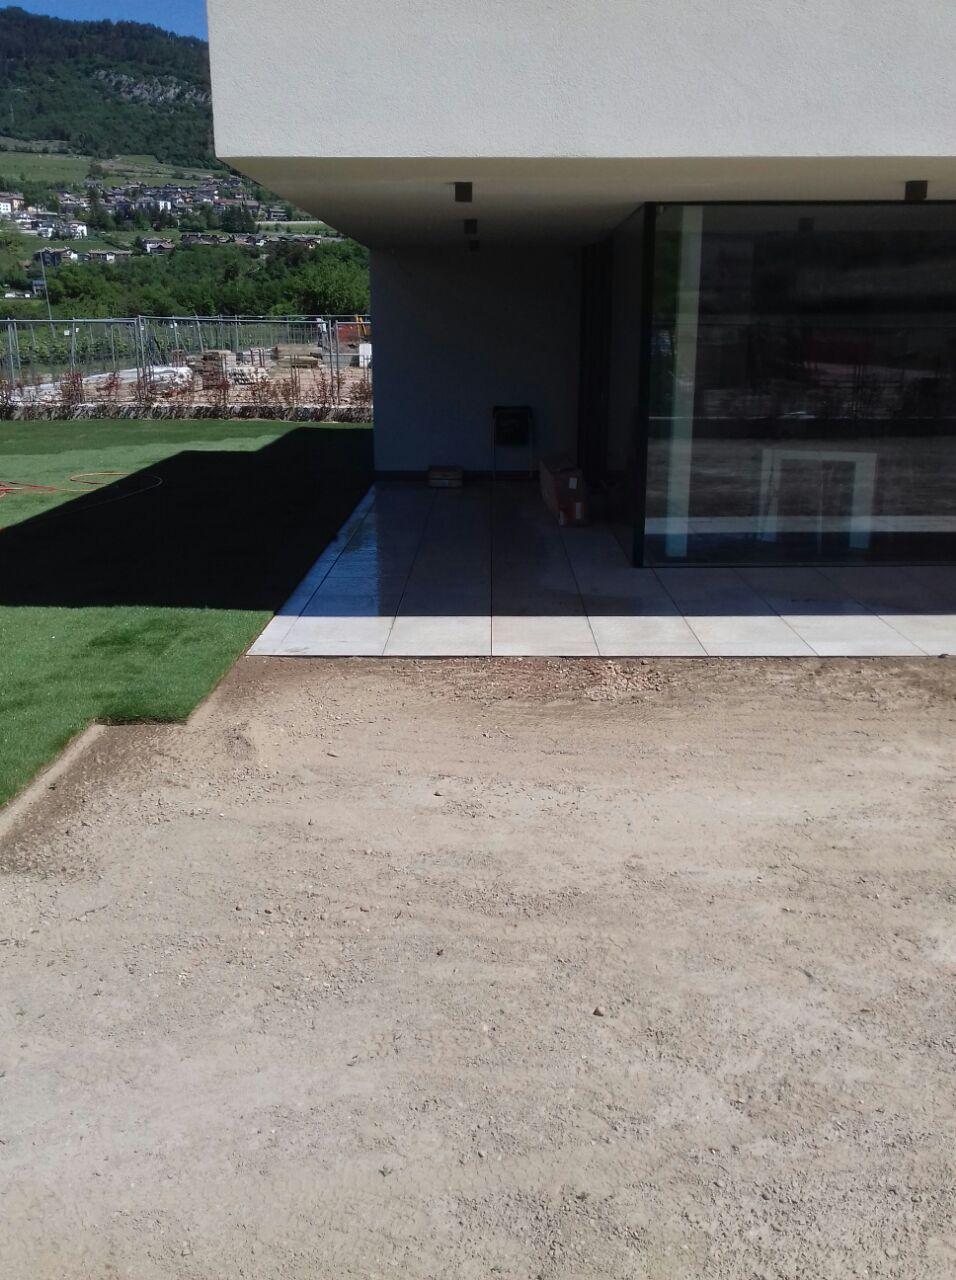 Giardinaggio Trento  ARTIGIANO CASA TUA